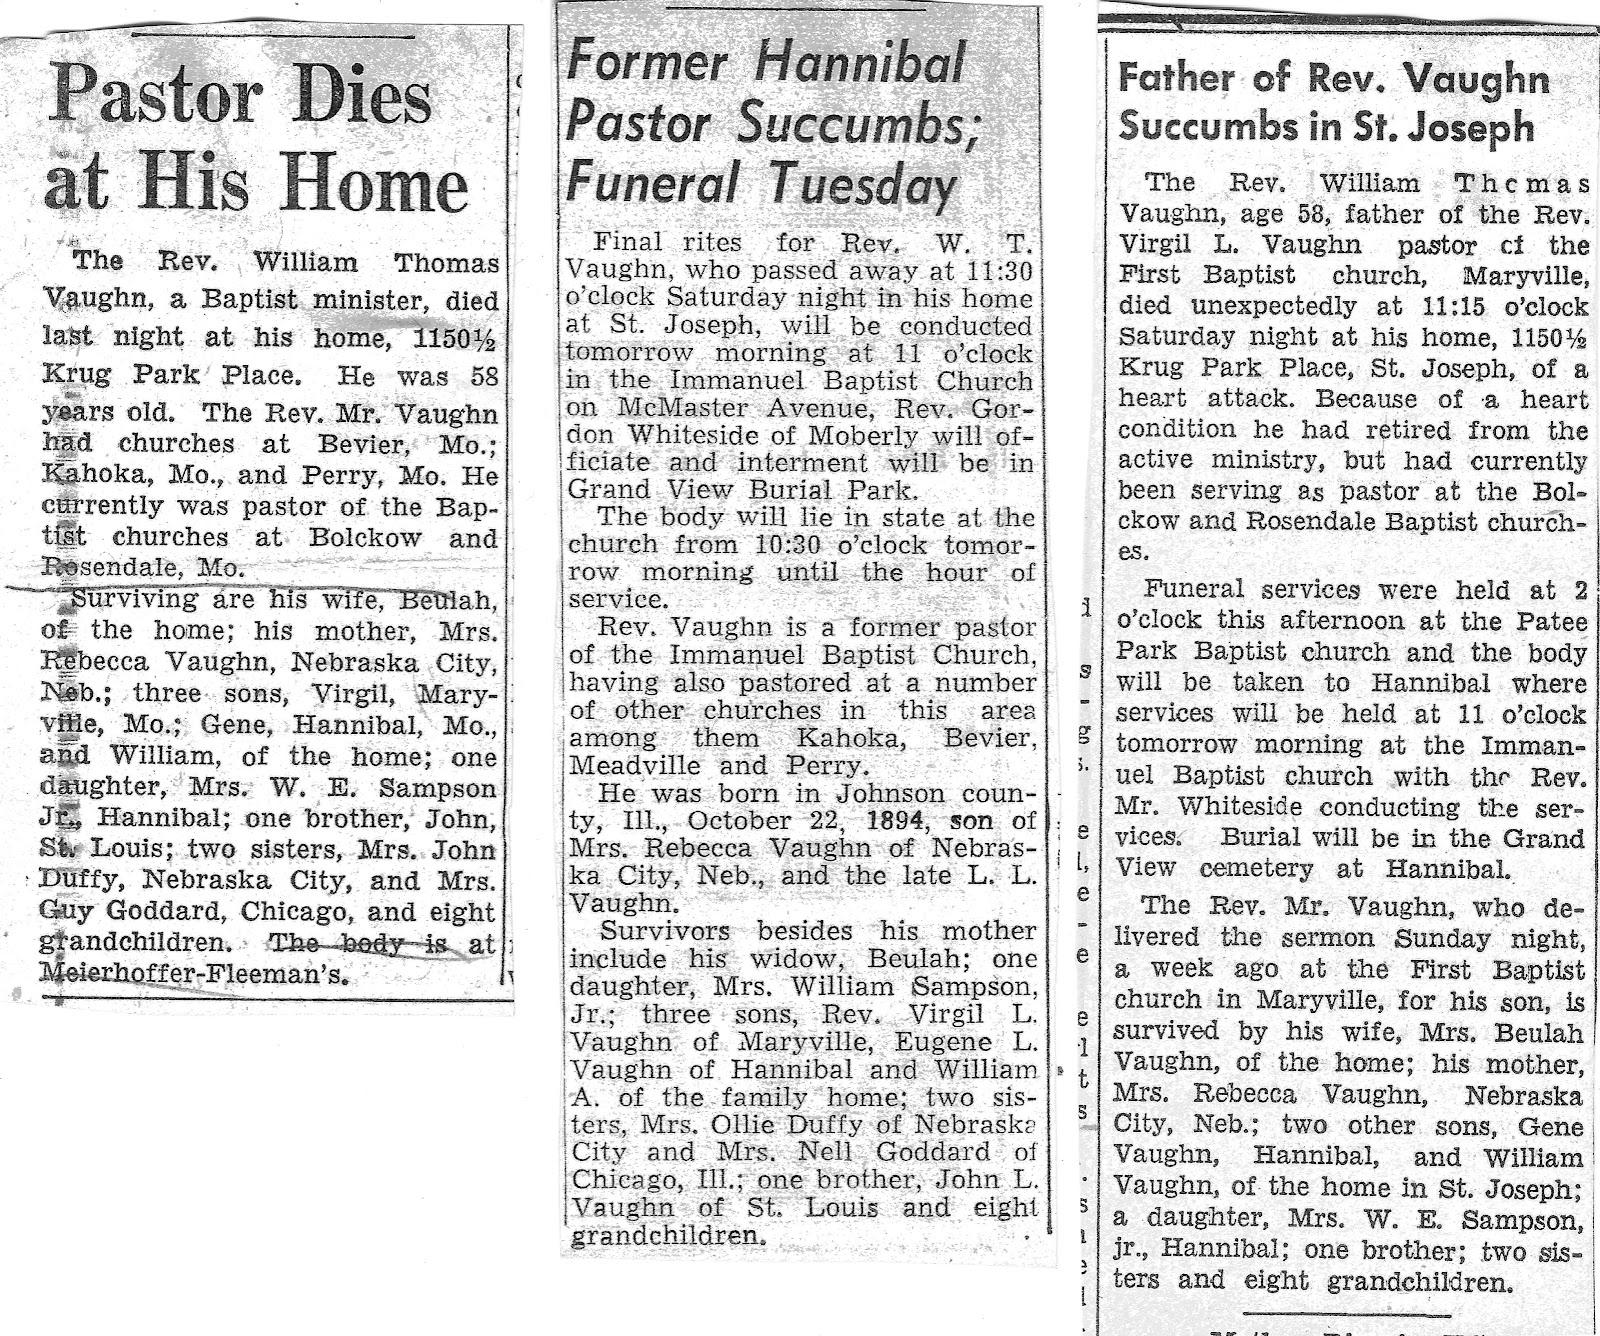 WT Vaughn Funeral Memories page_30.jpg